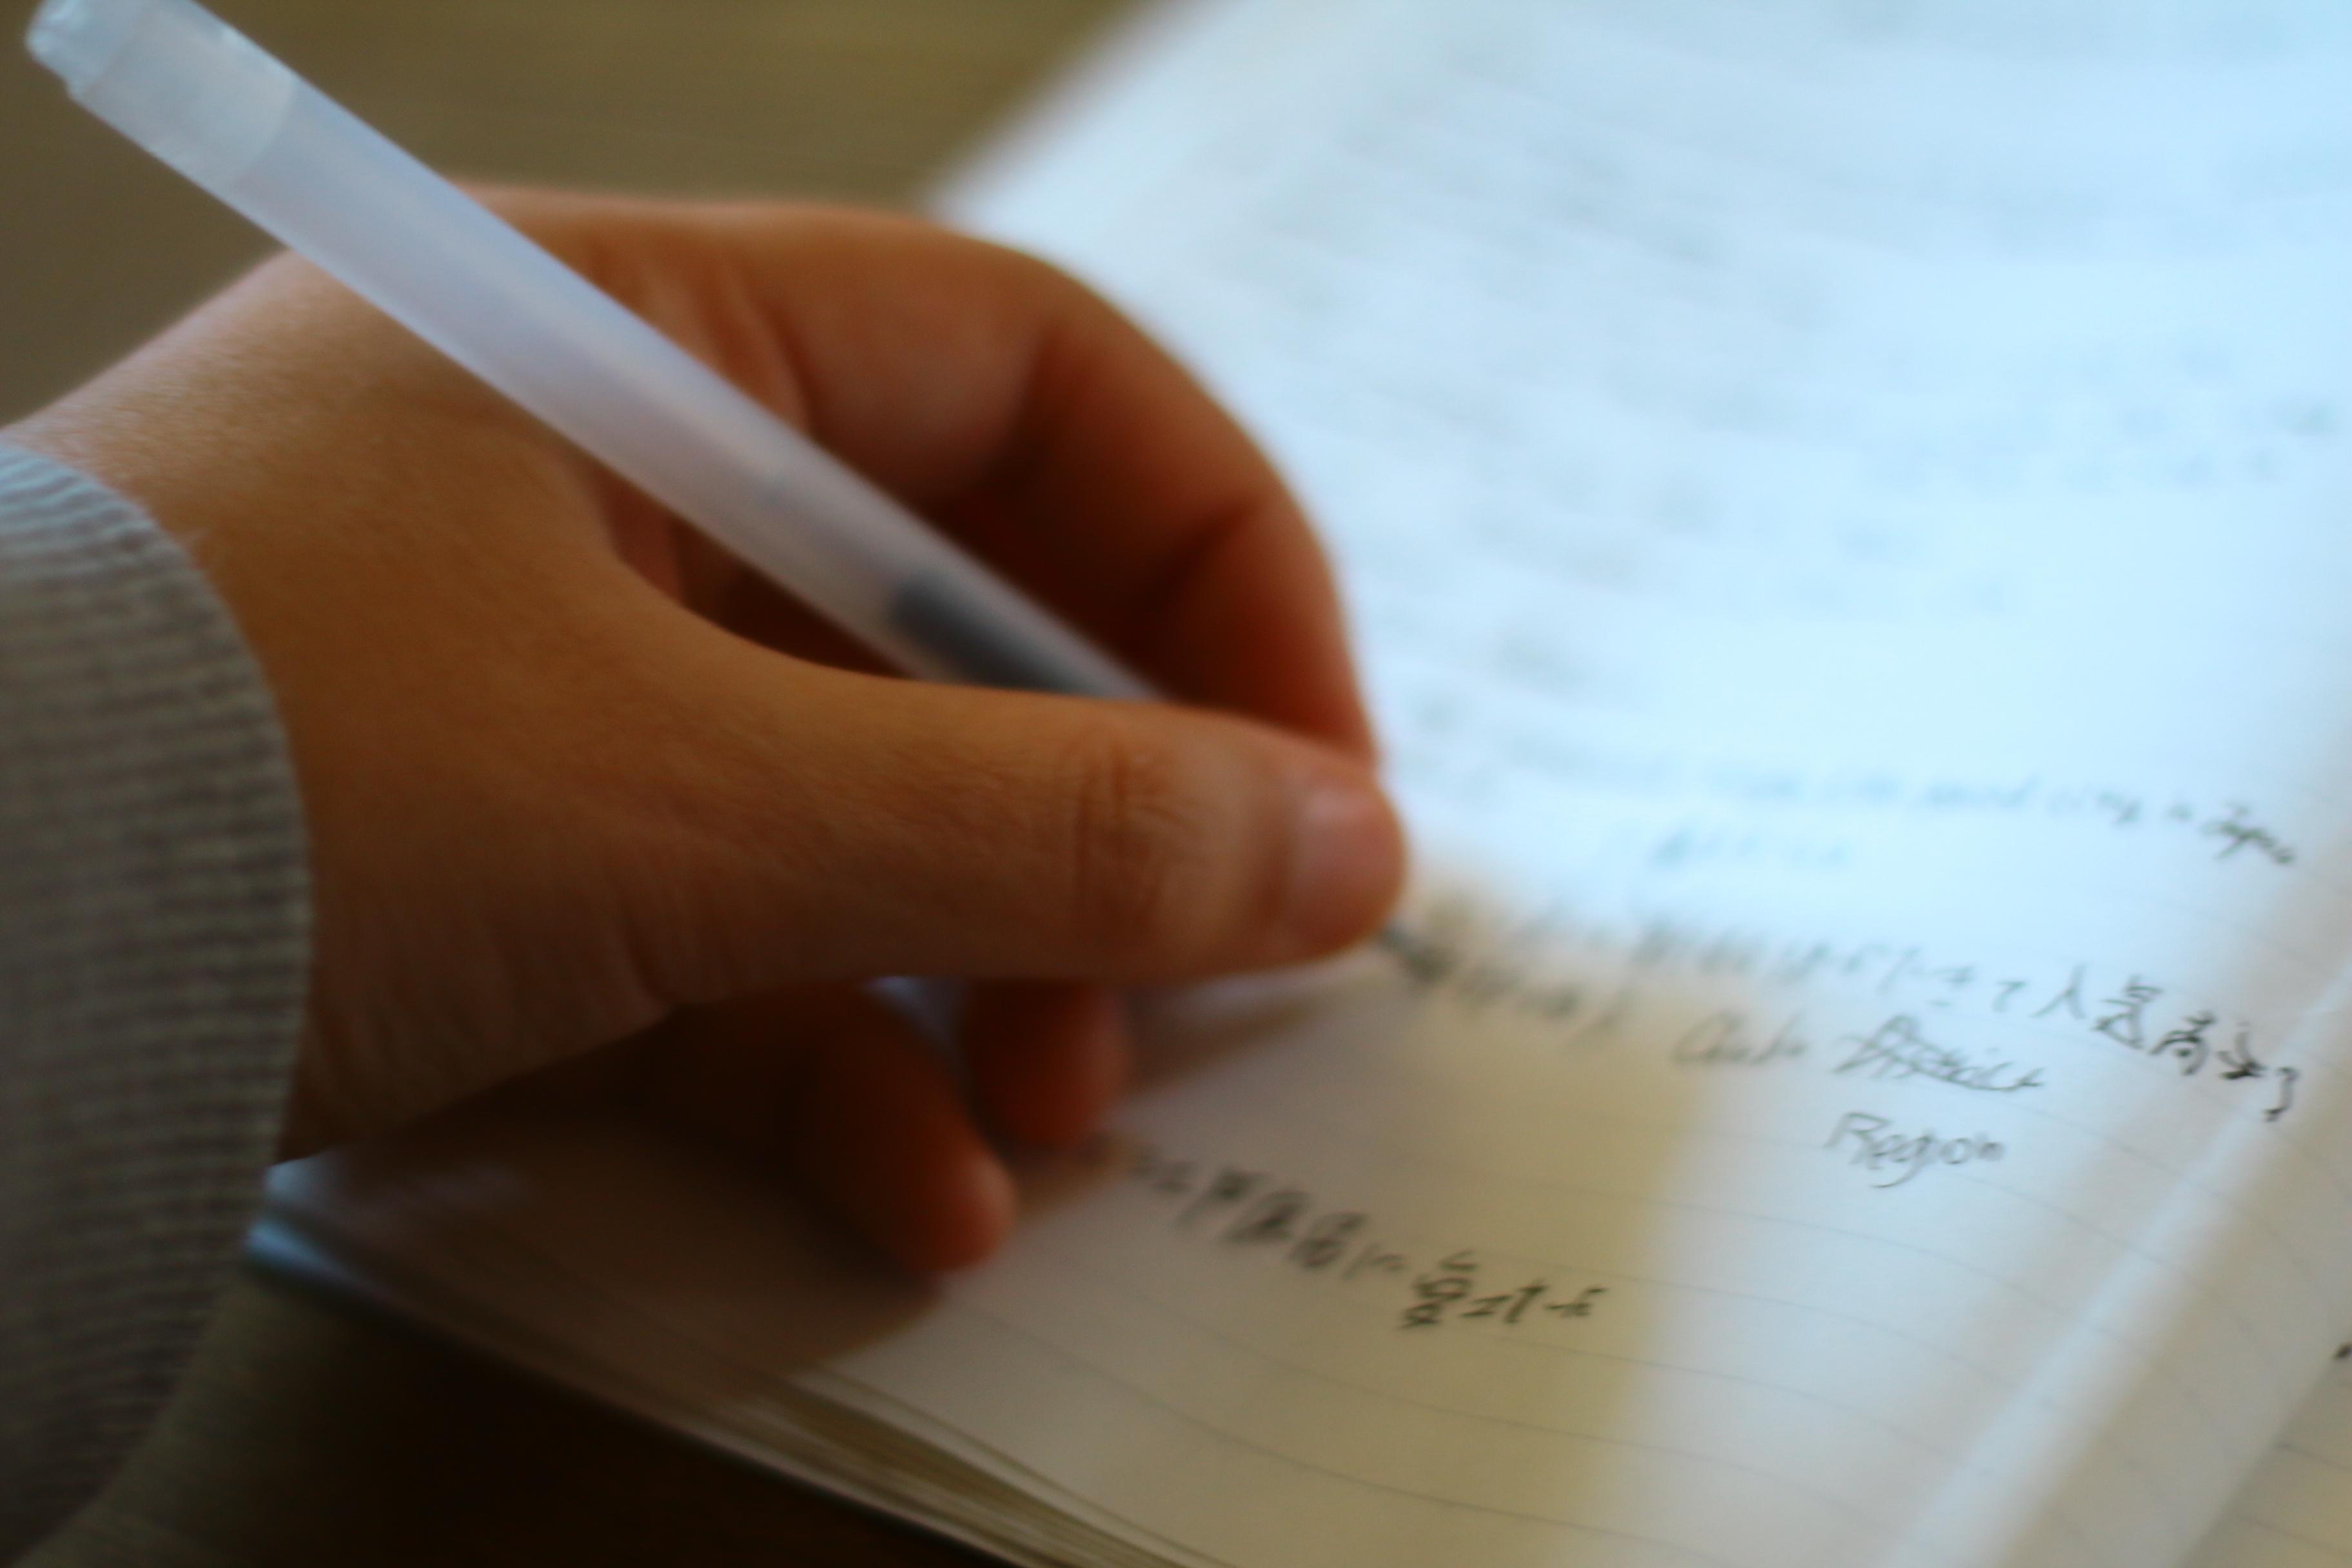 ペンを持って人が書いている写真